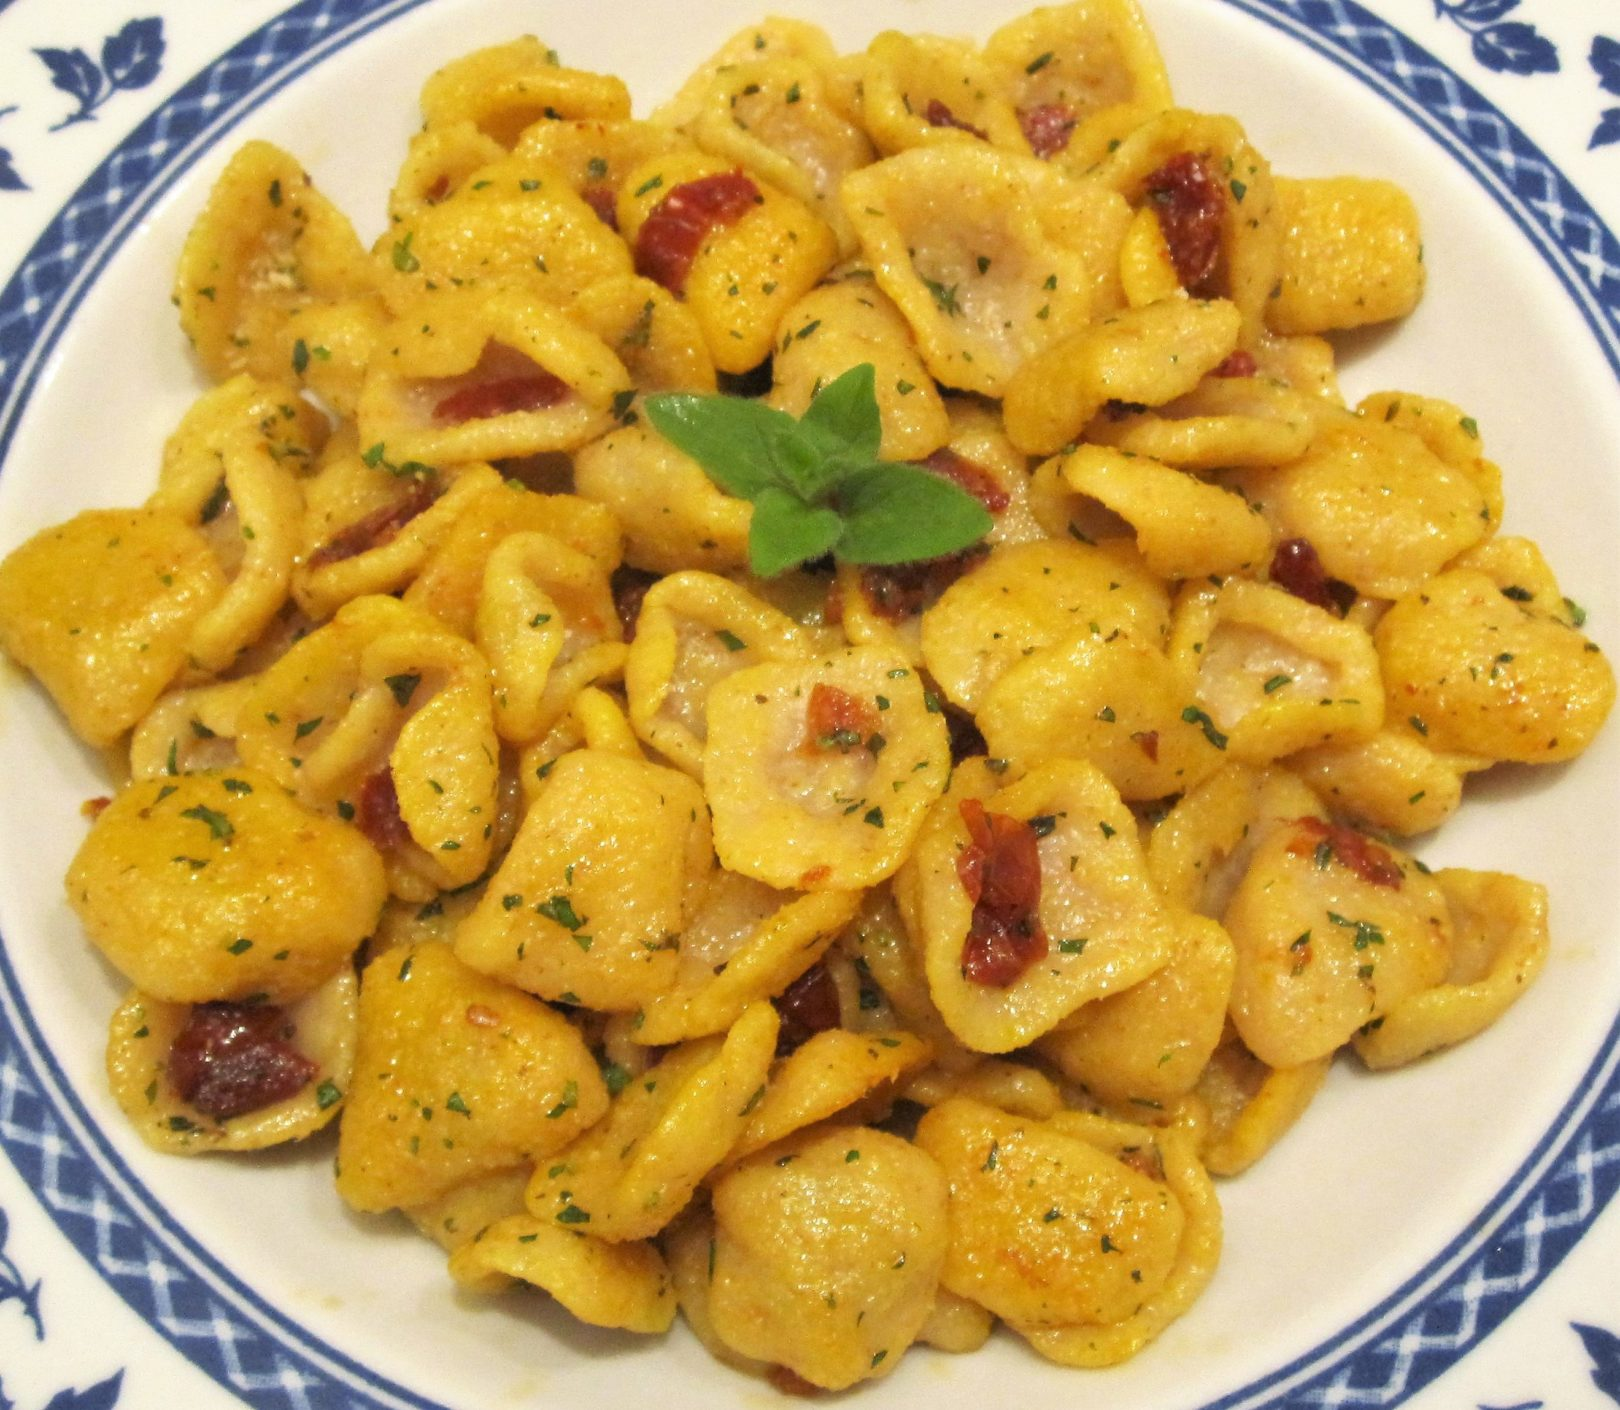 Orecchiette fatte in casa aglio, olio, zafferano e pomodori secchi